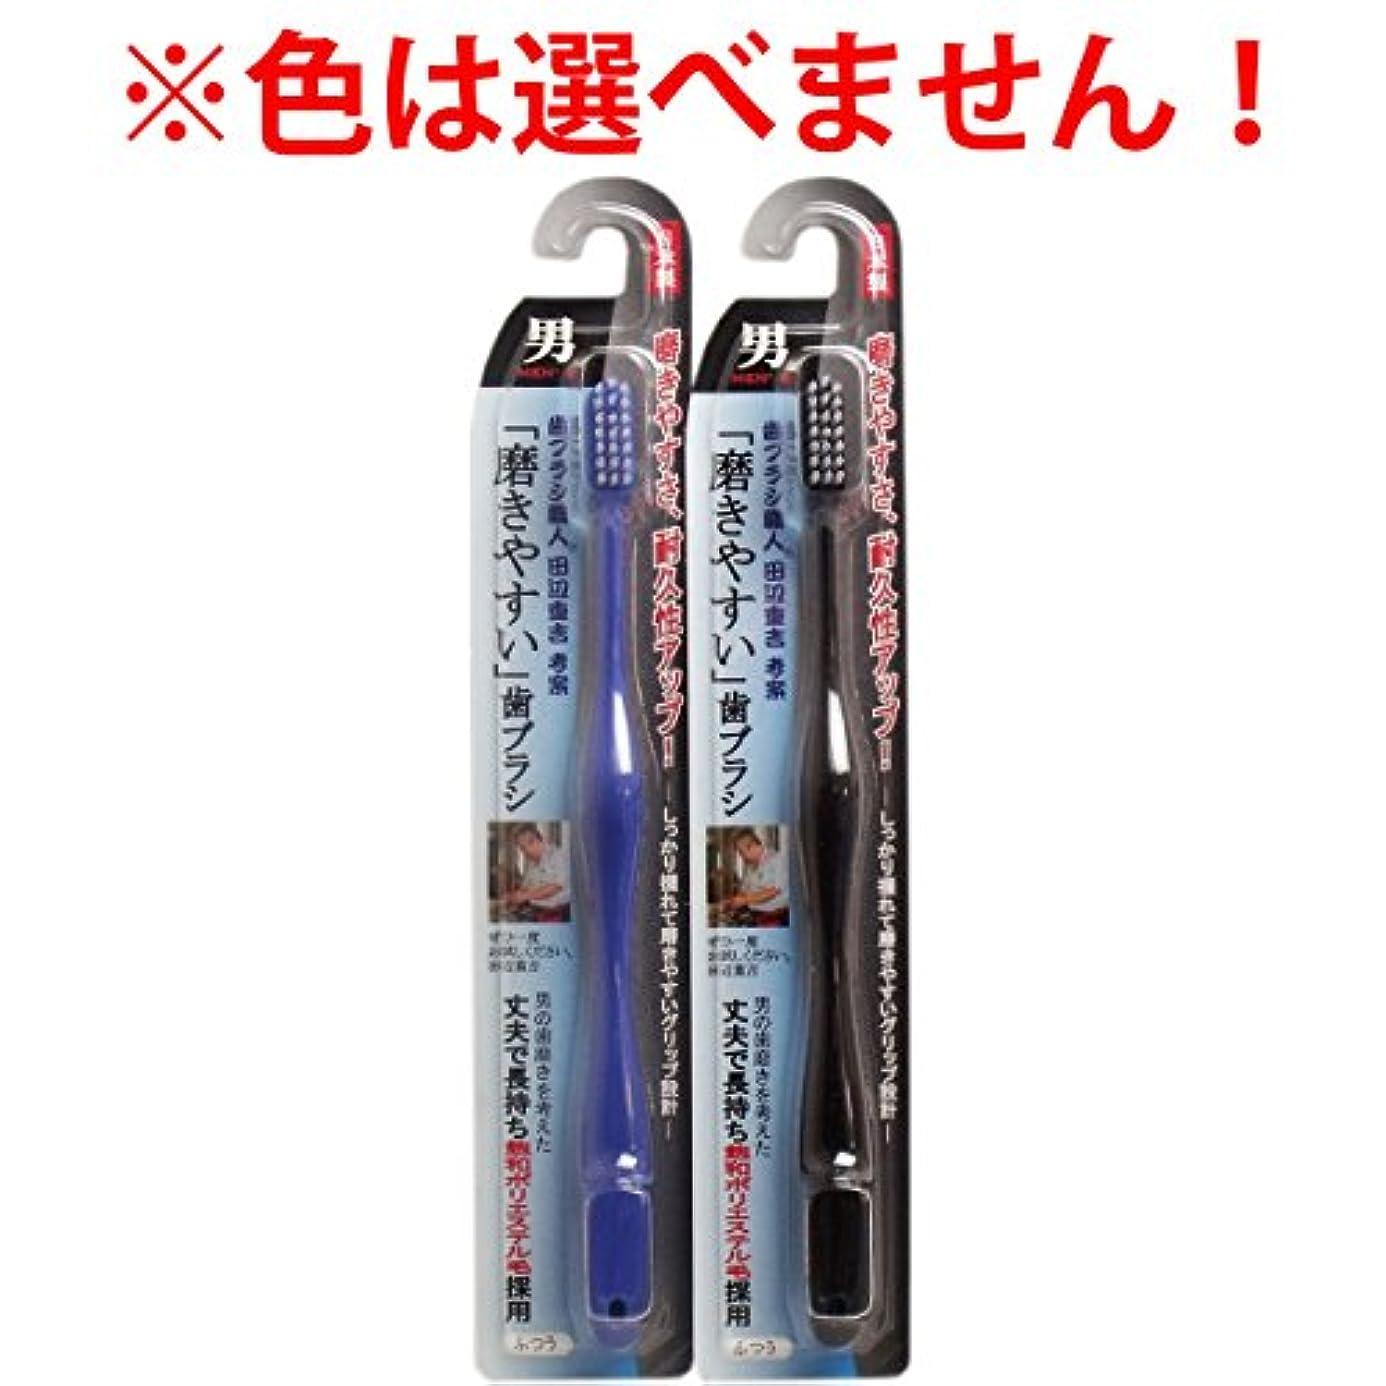 そこエクスタシー強大なライフレンジ 「磨きやすい」歯ブラシ男 LT-08 1本